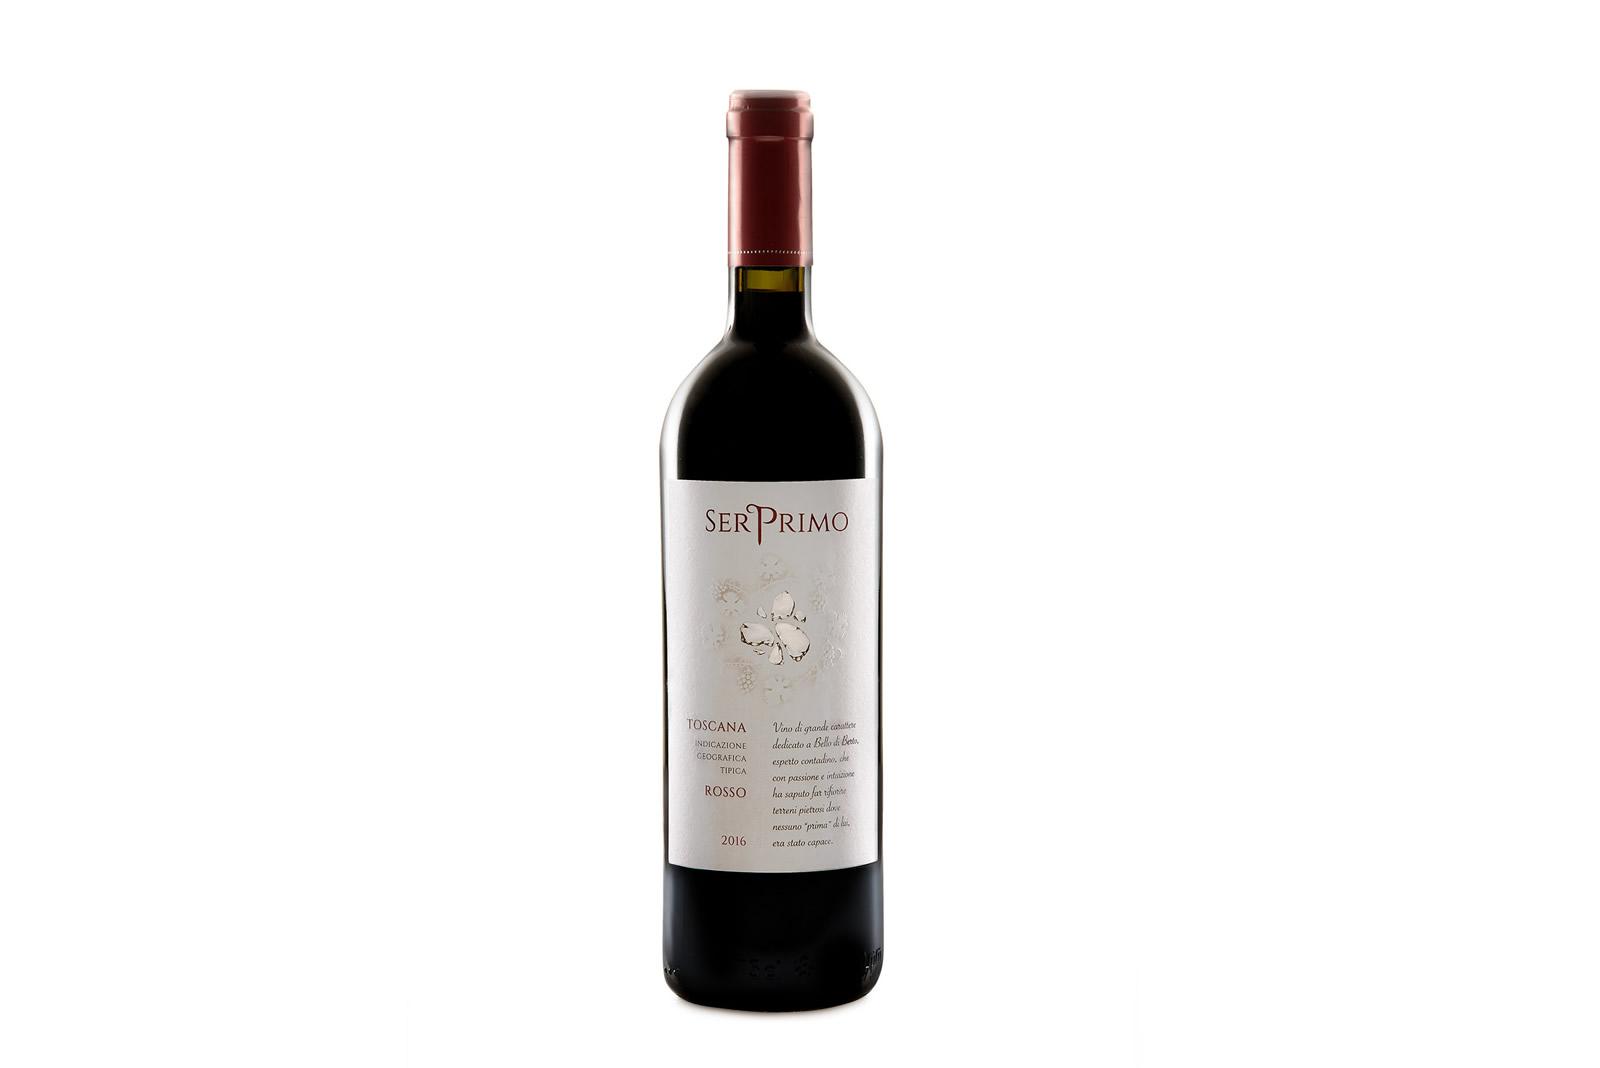 Rosso Toscana IGT Ser Primo